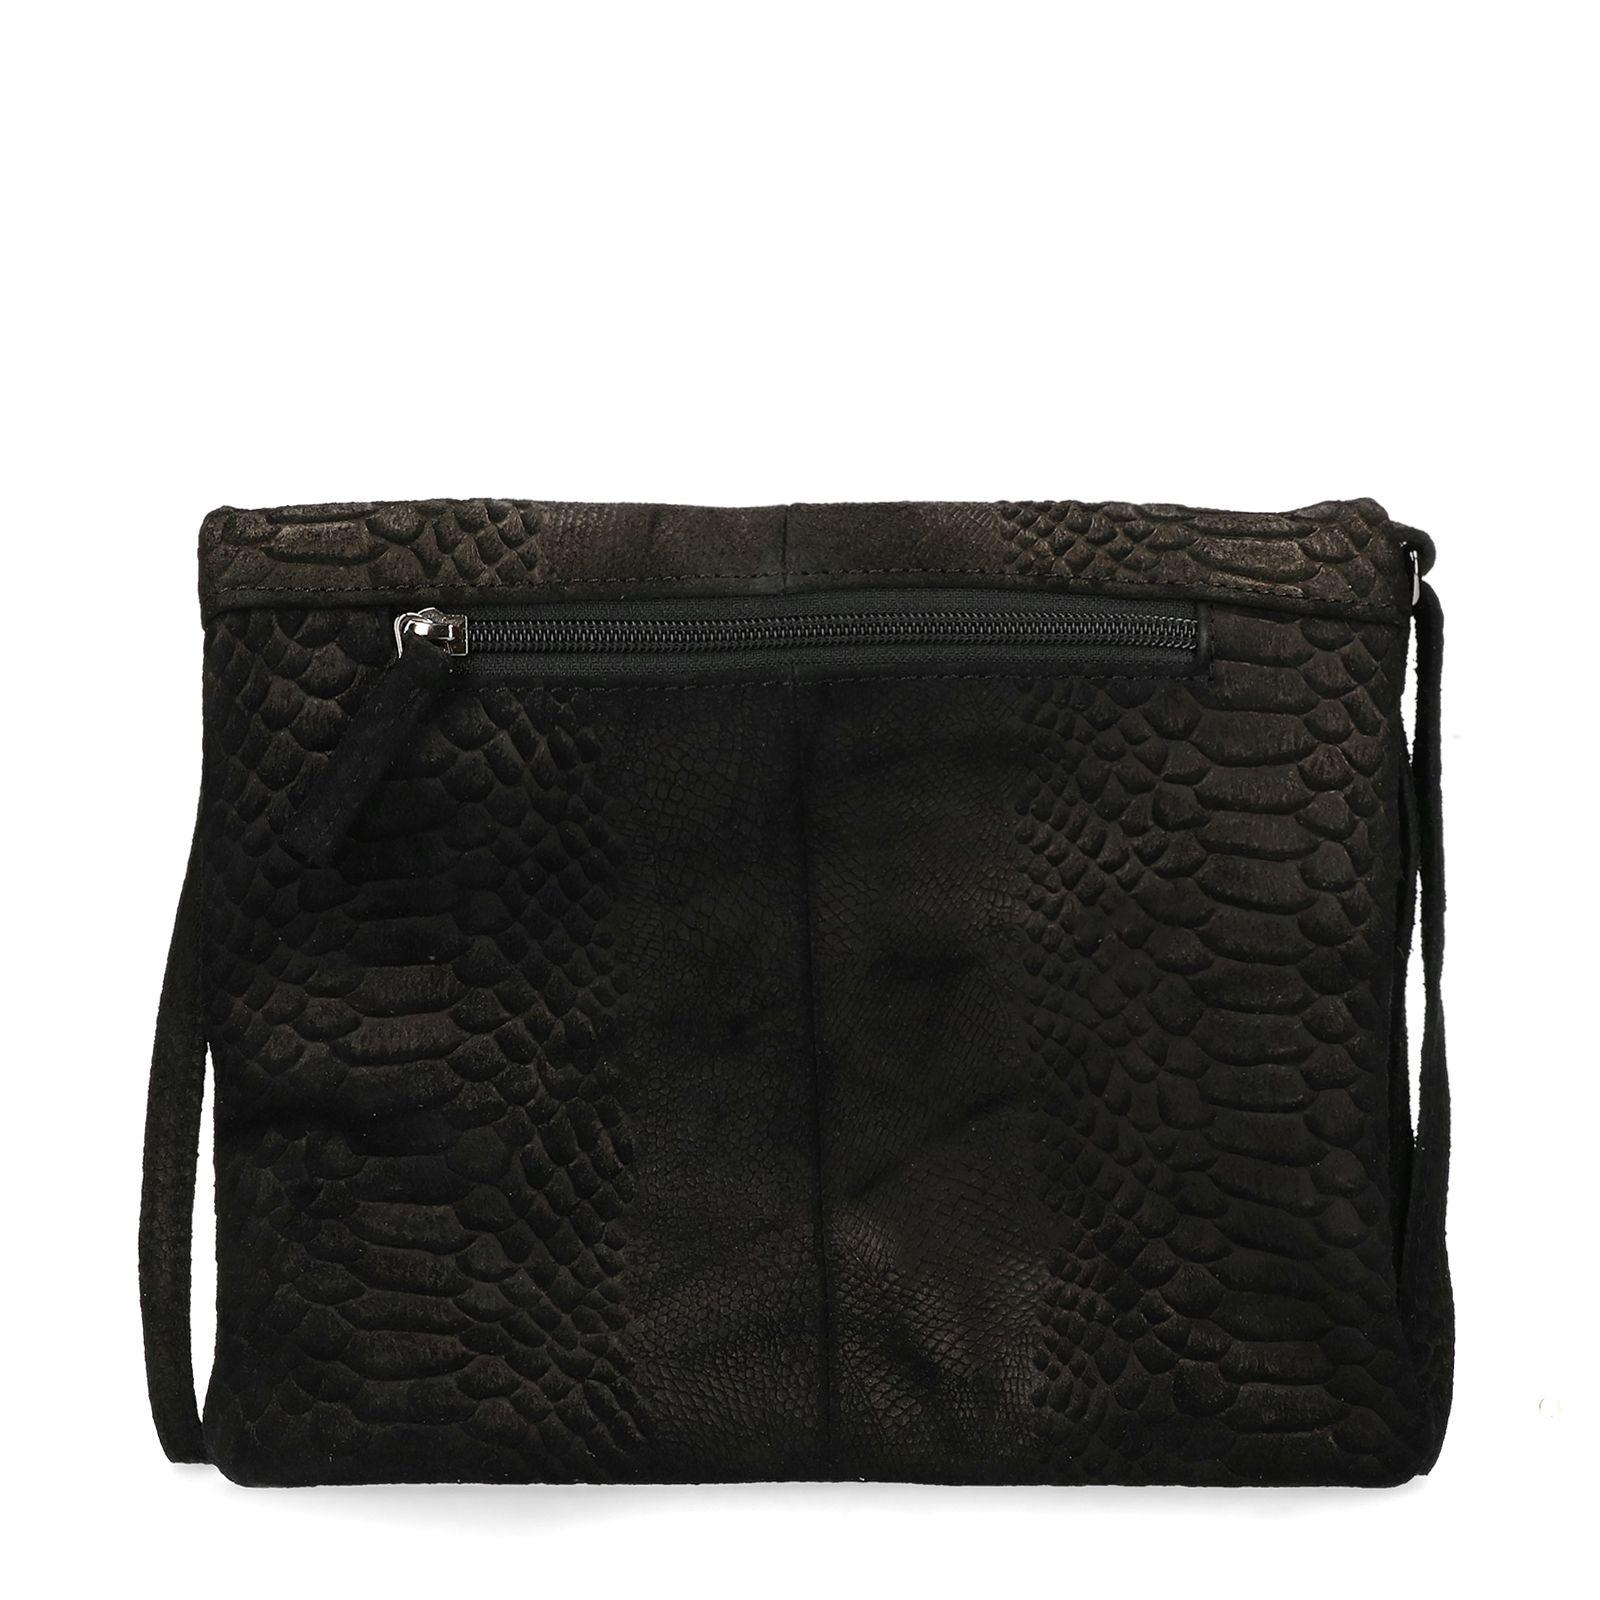 Manfield Zwarte schoudertas met snakeskin